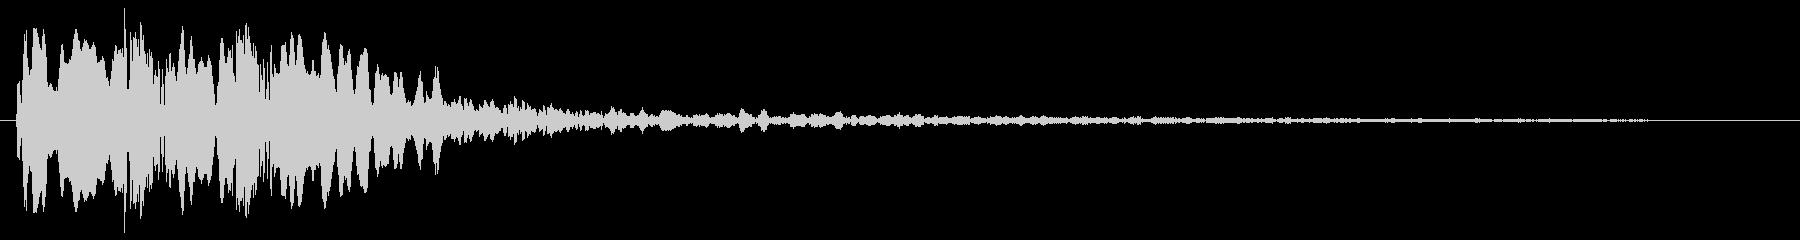 チュチュチュン(発射音)の未再生の波形